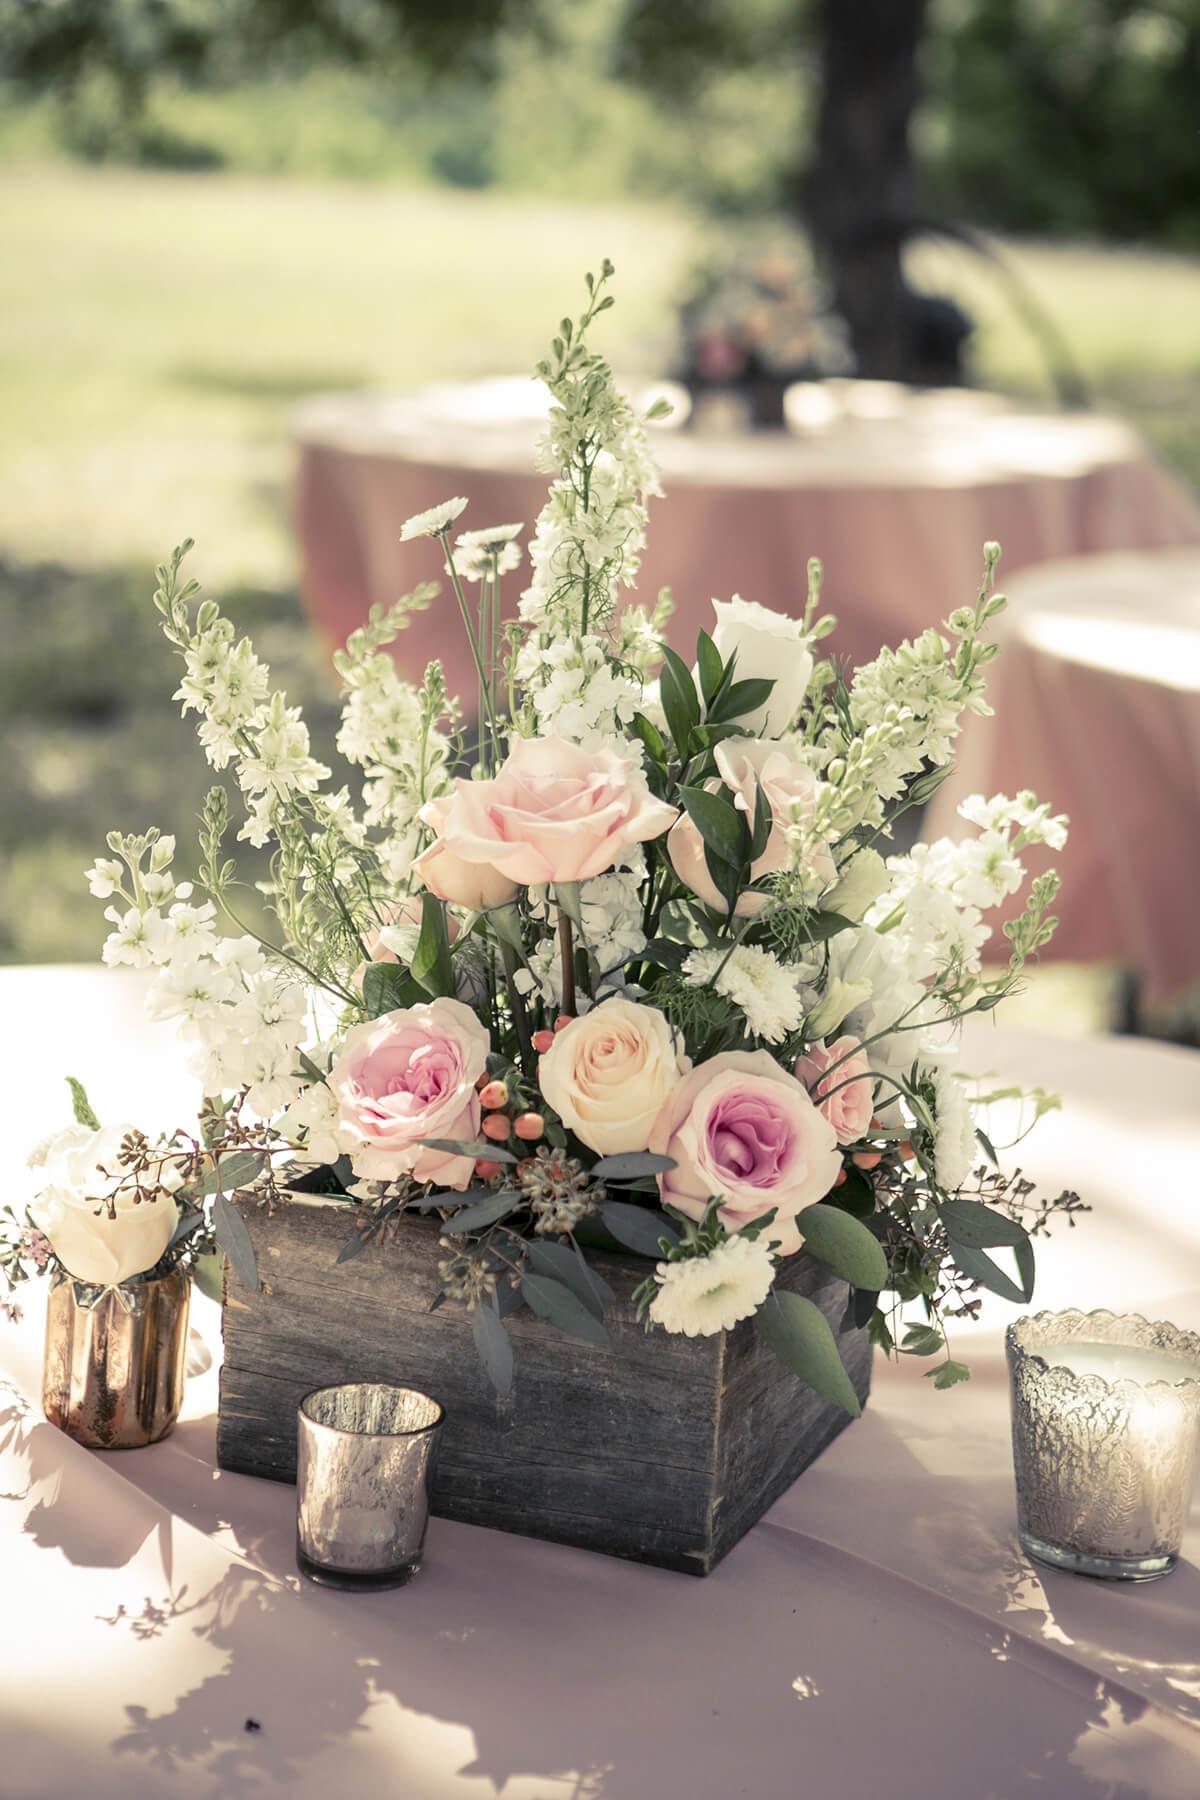 A Fresh, Colorful Floral Arrangement